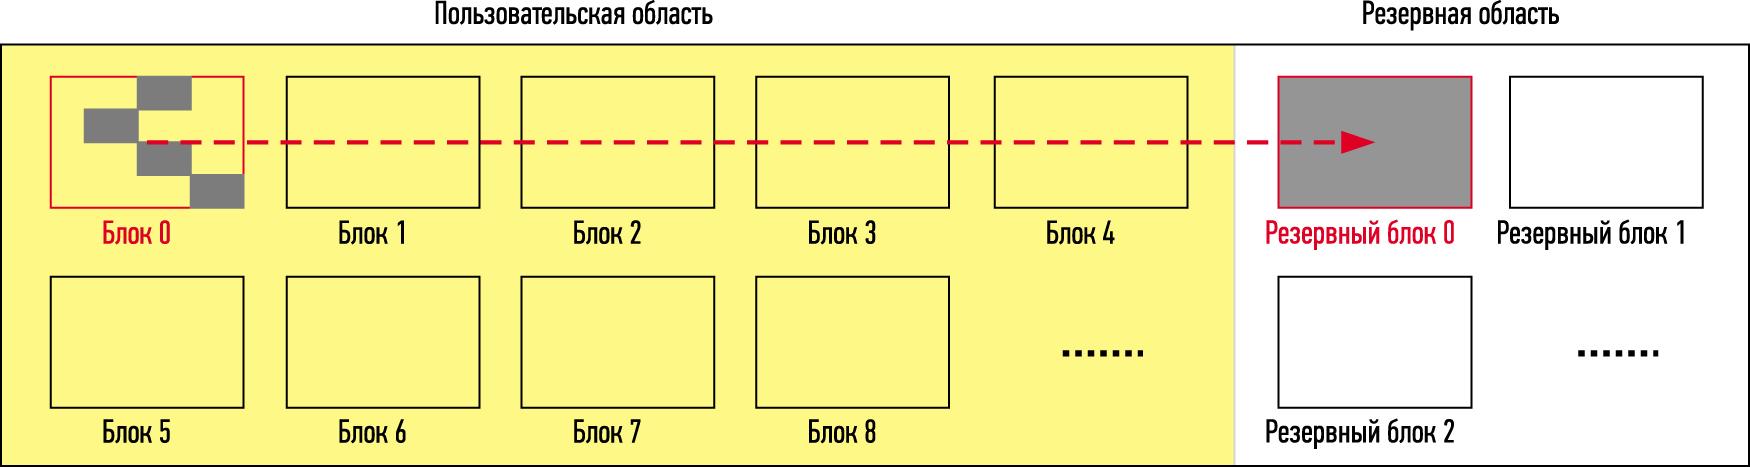 Консолидация памяти в запасном блоке для максимальной производительности